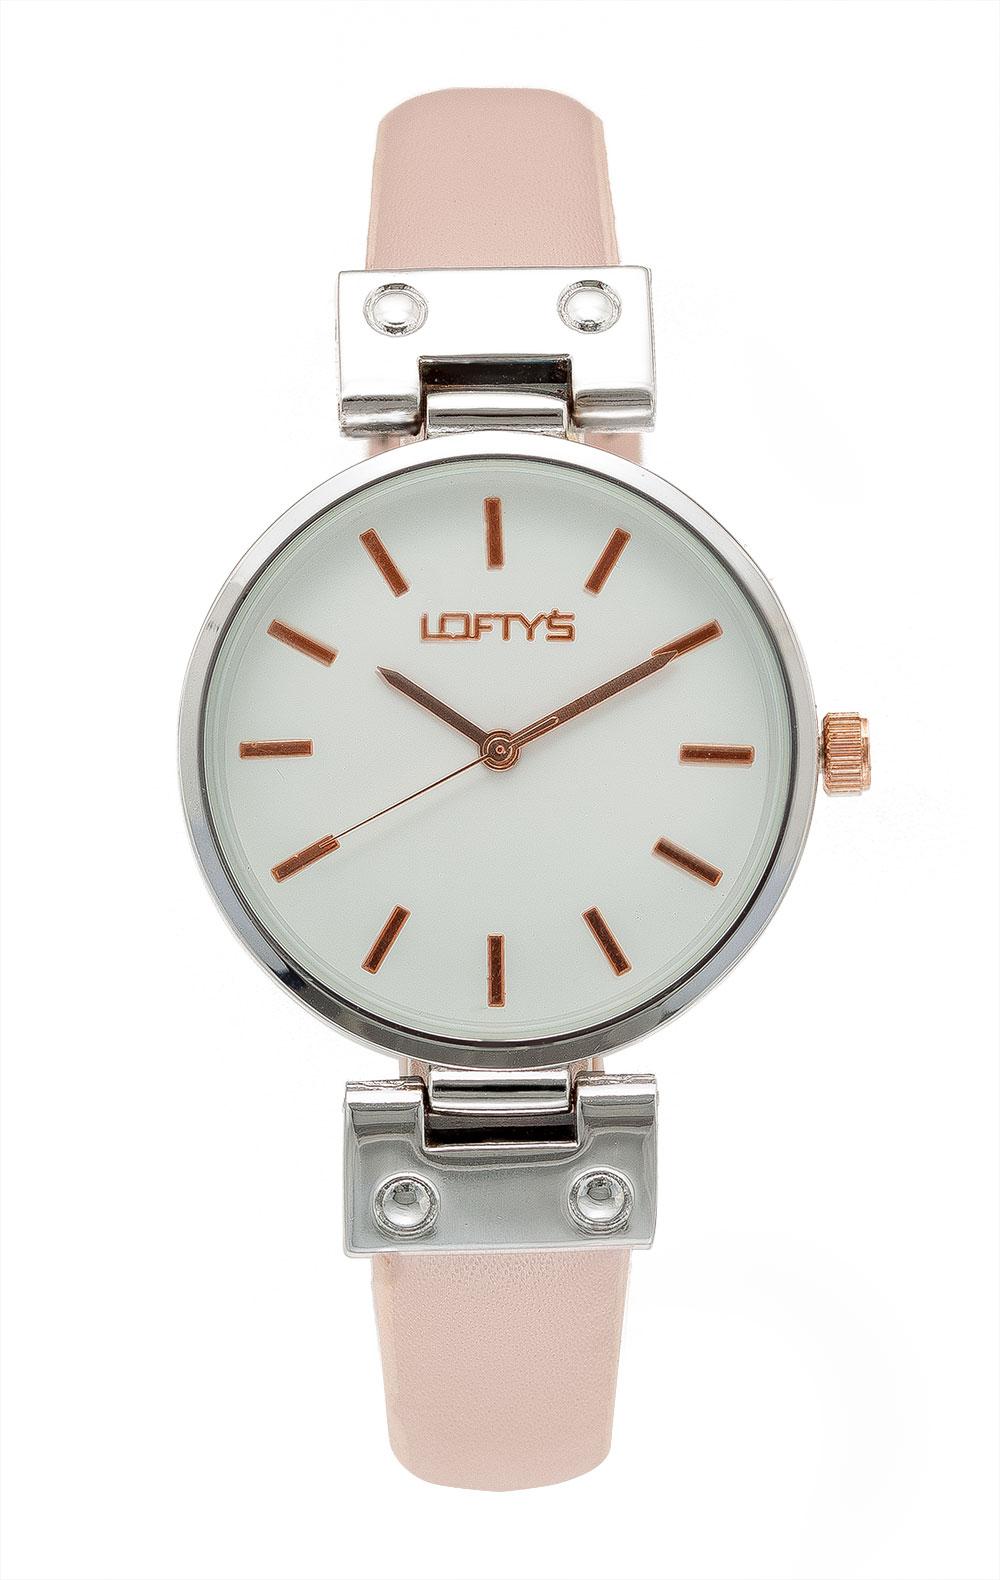 Ρολόι Loftys Kelly με ροζ λουράκι και λευκό καντράν Y3409-26